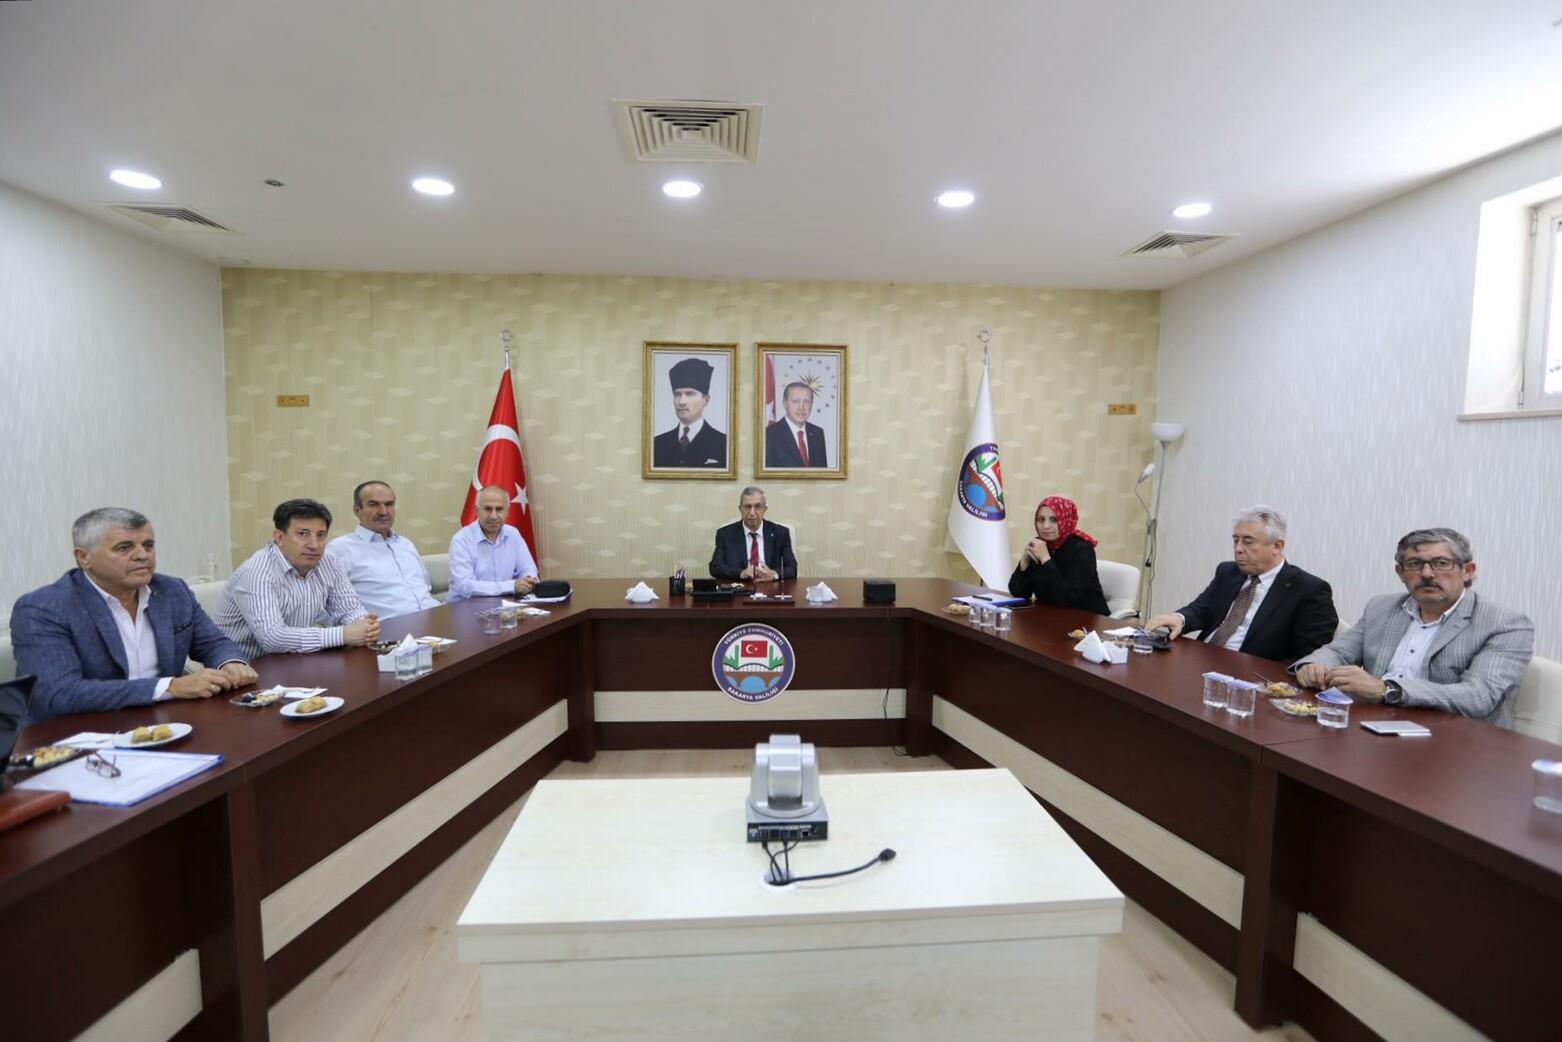 İŞKUR' DAN İSTİHDAMA 53 MİLYON TL DESTEK